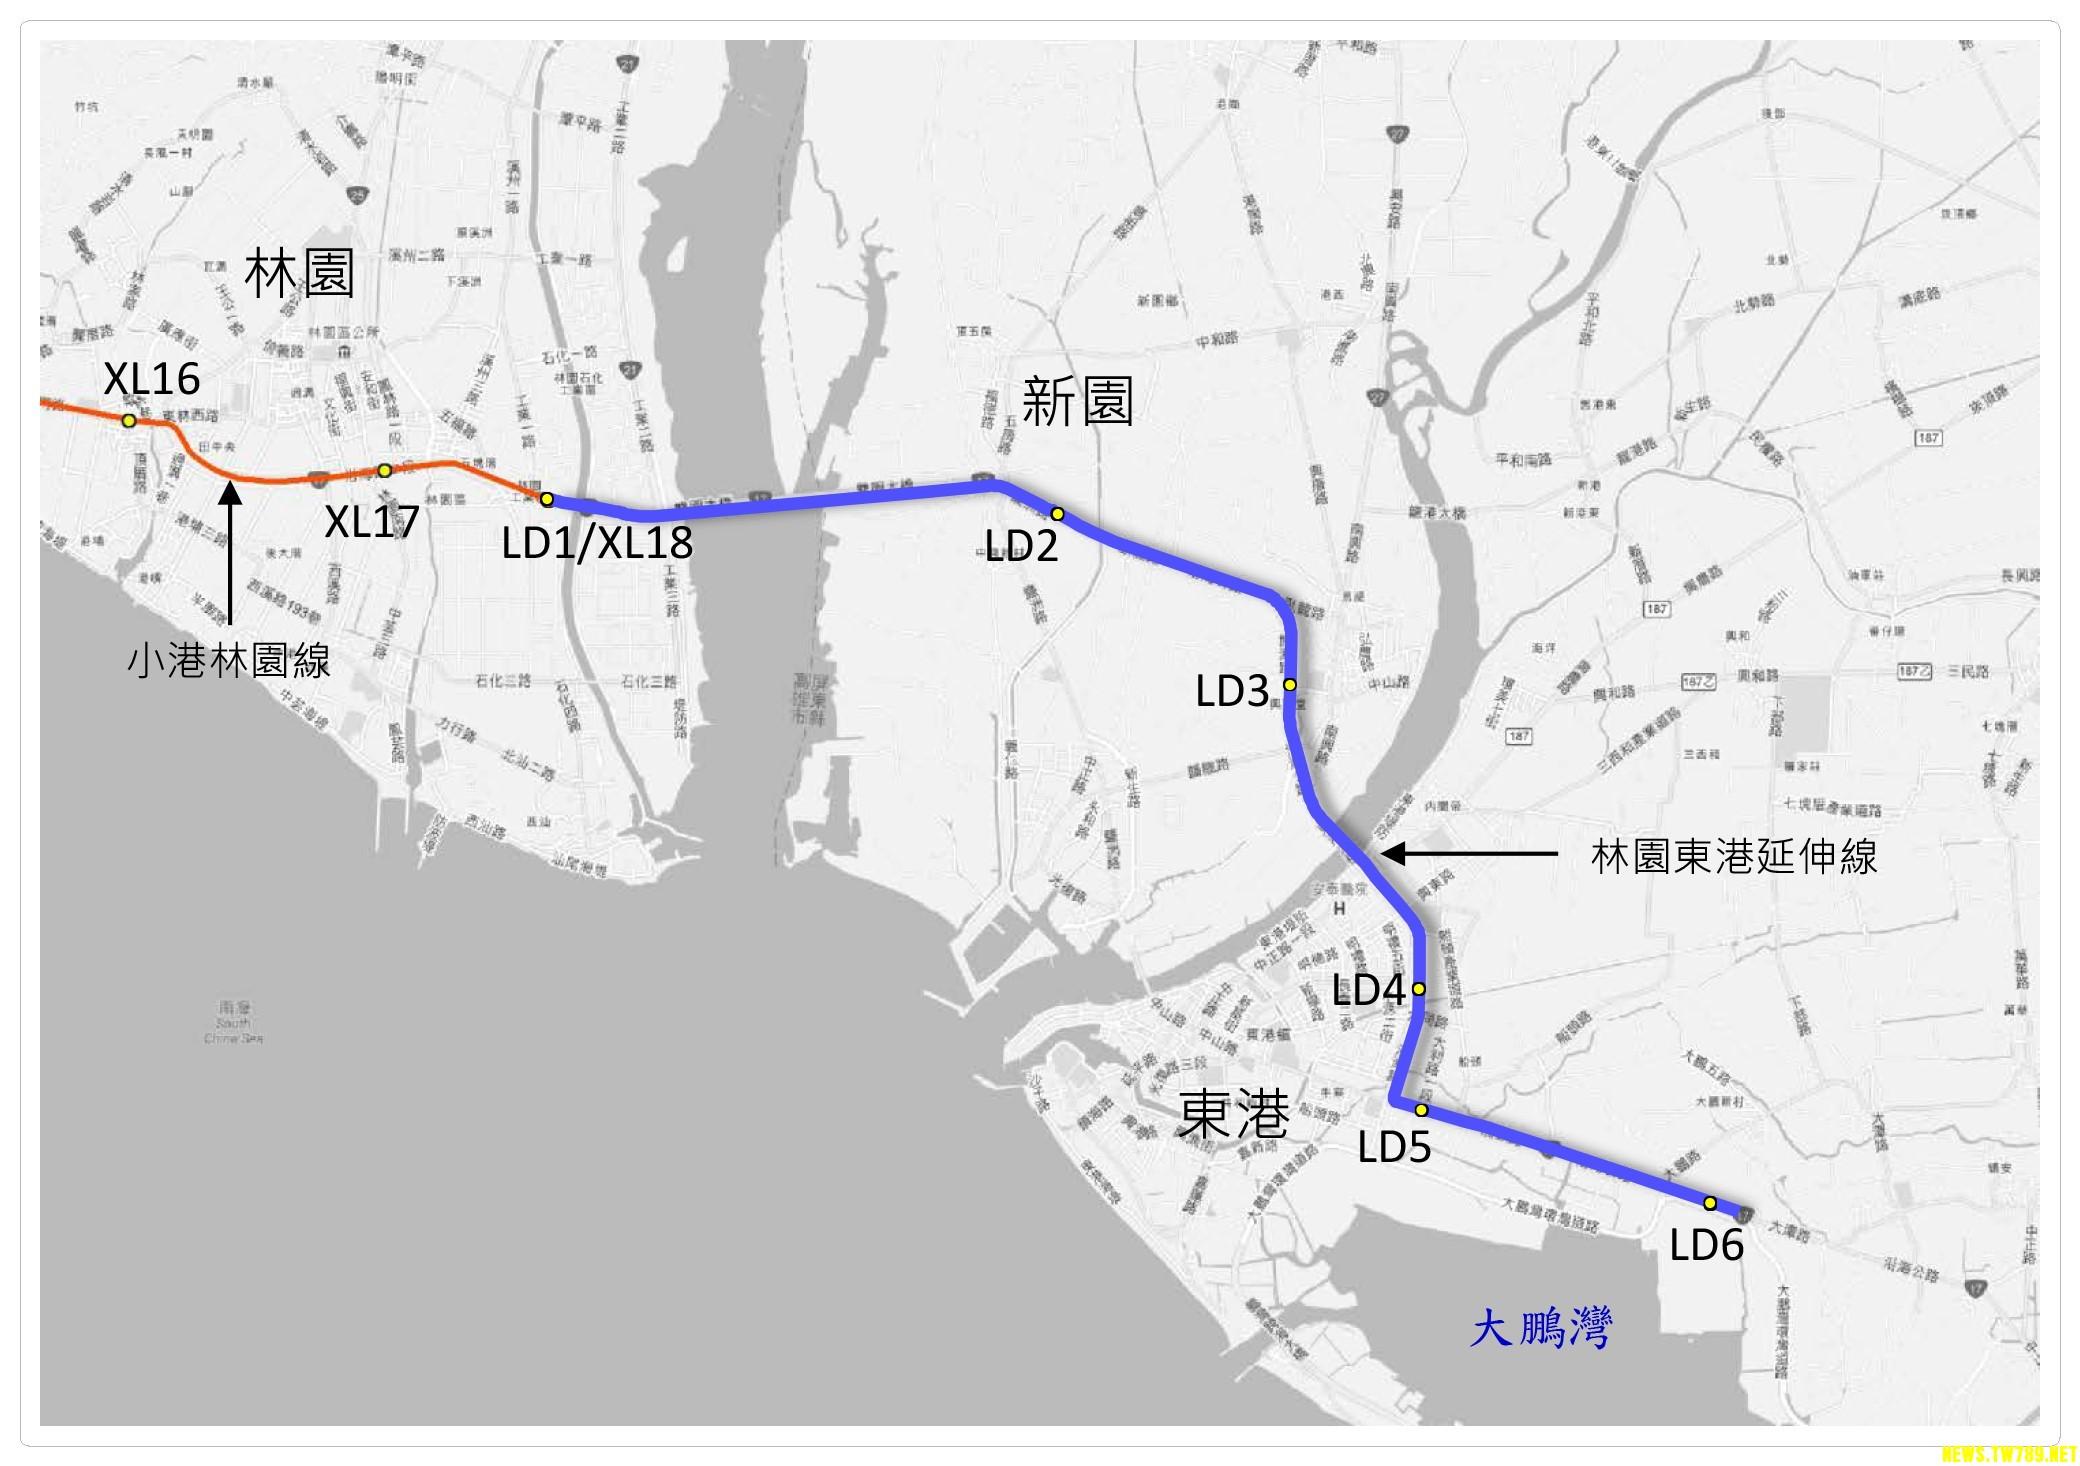 高捷延伸屏東 擬採輕軌高架108年完成規劃-小鎮資訊掌握屏東資訊